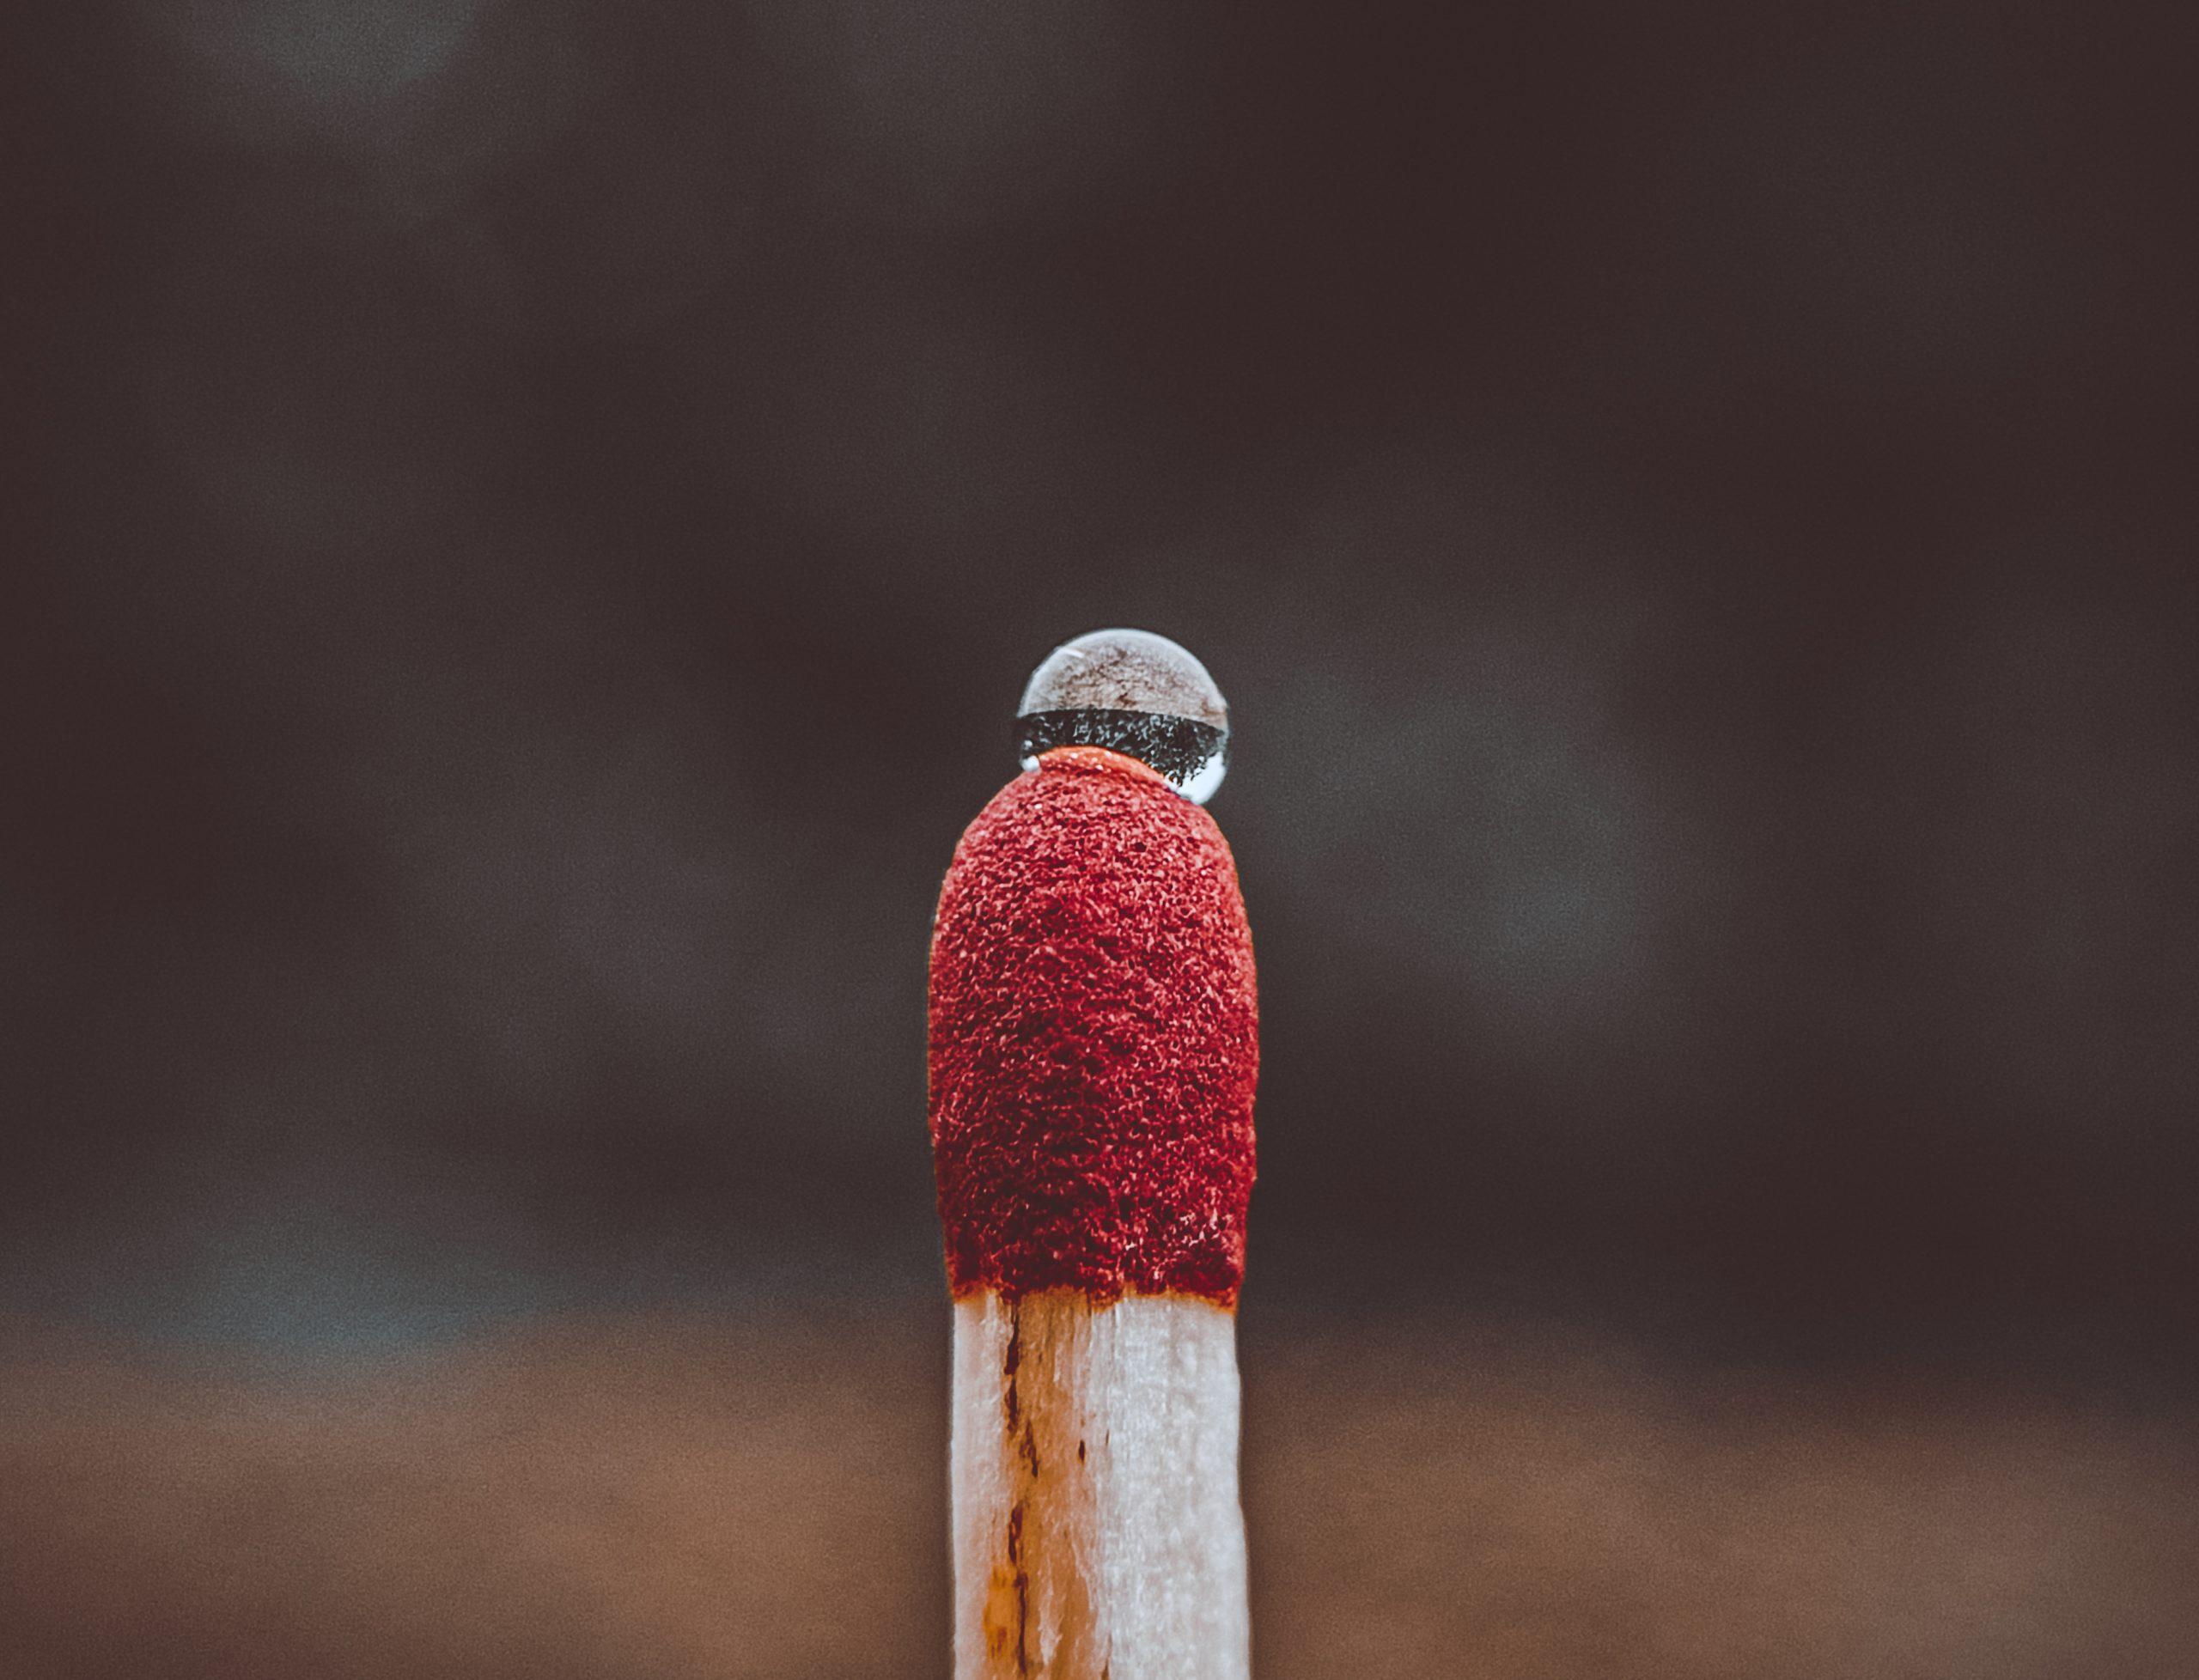 A water drop on a matchstick